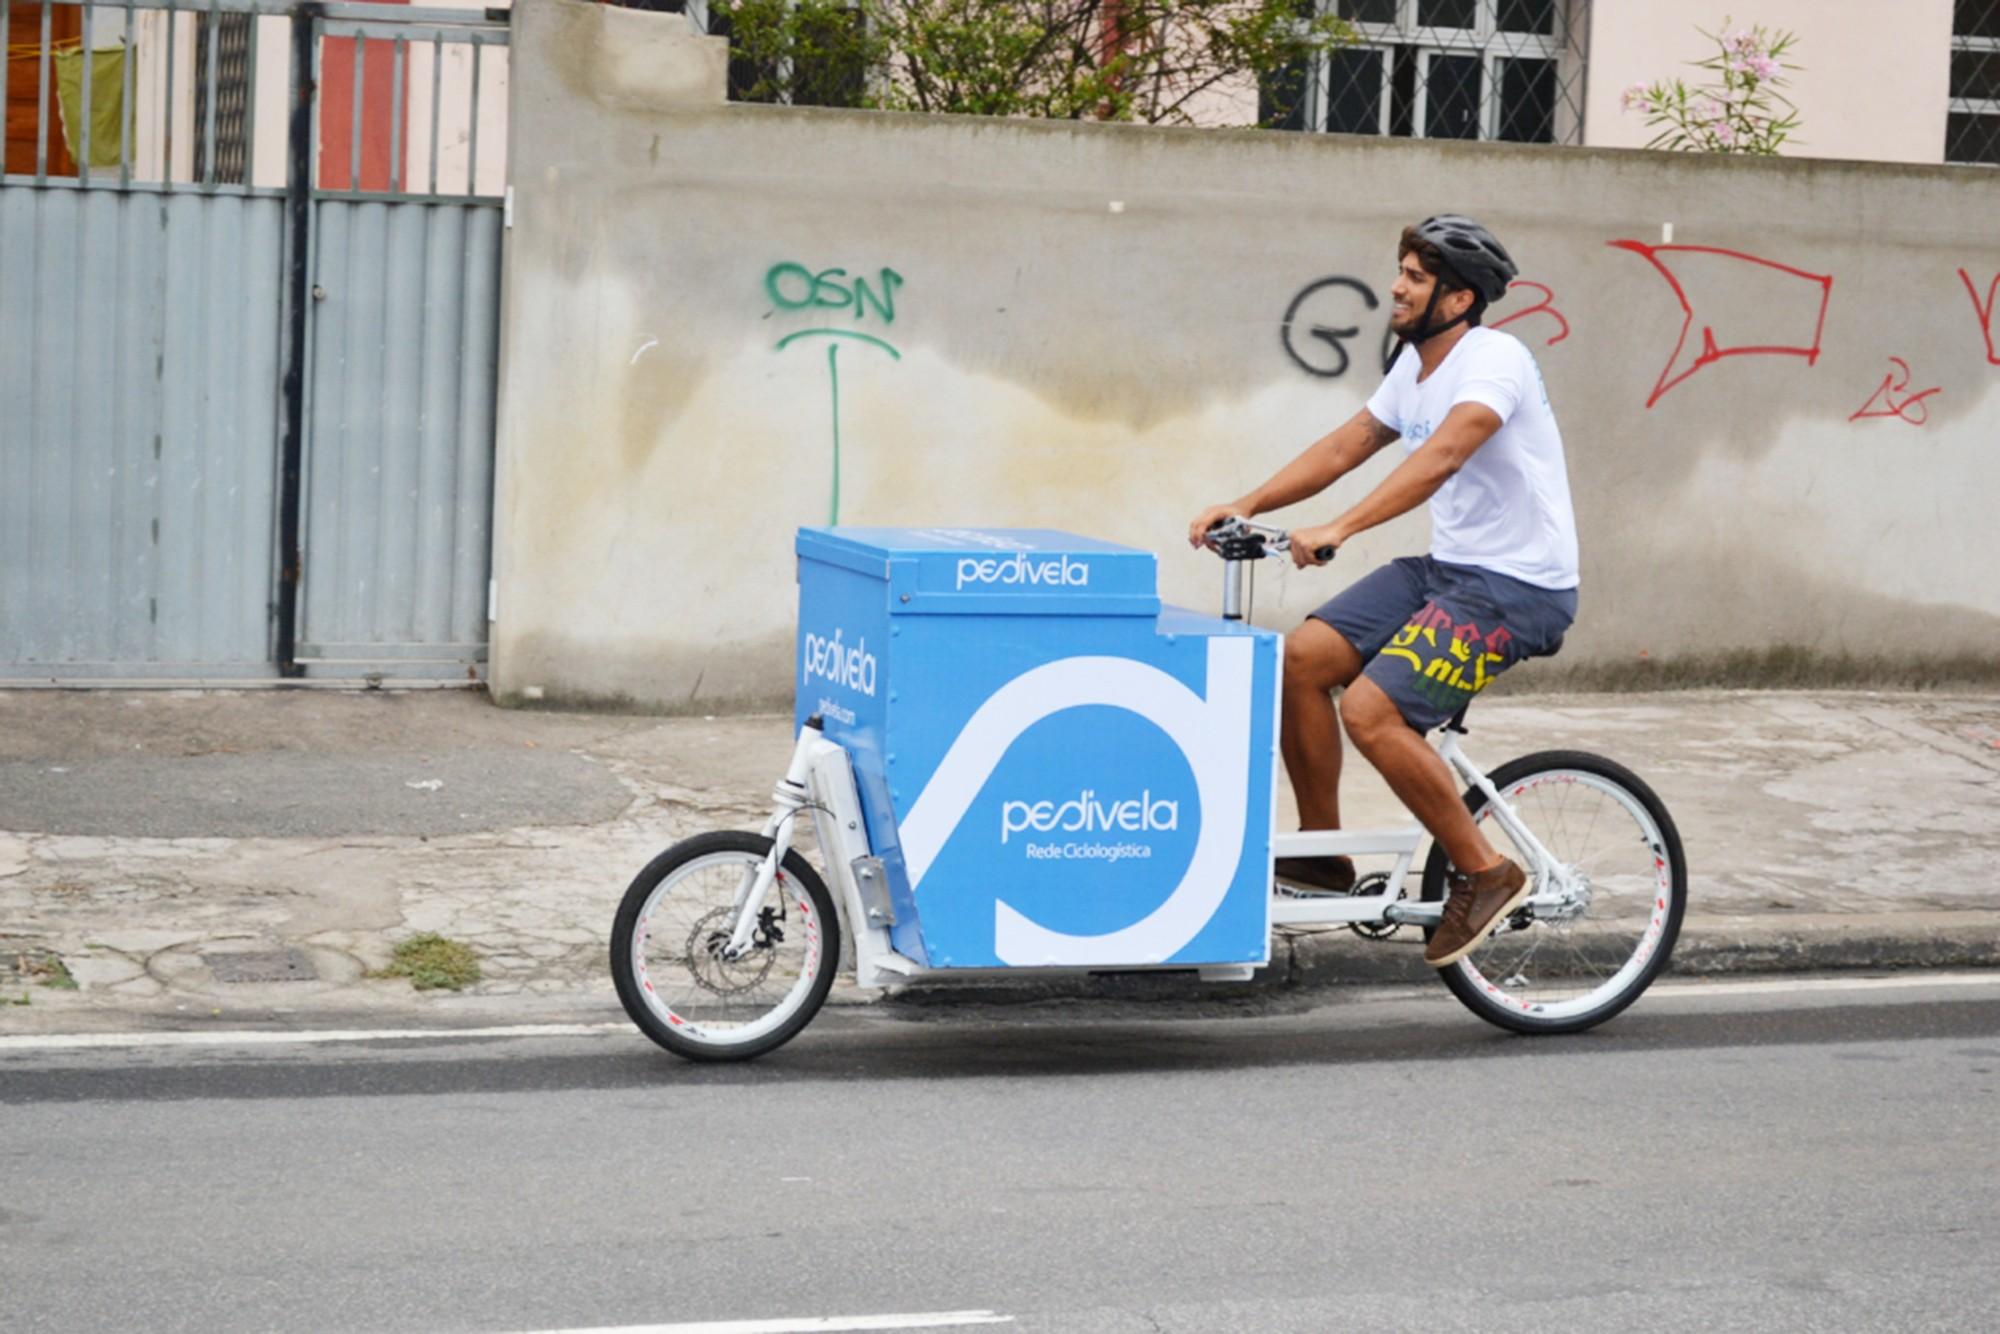 dd3b61317d5 Pedivela brengt de door vrachtwagens geleverde lading via een  barcodesysteem naar de eindbestemming © Pedivela